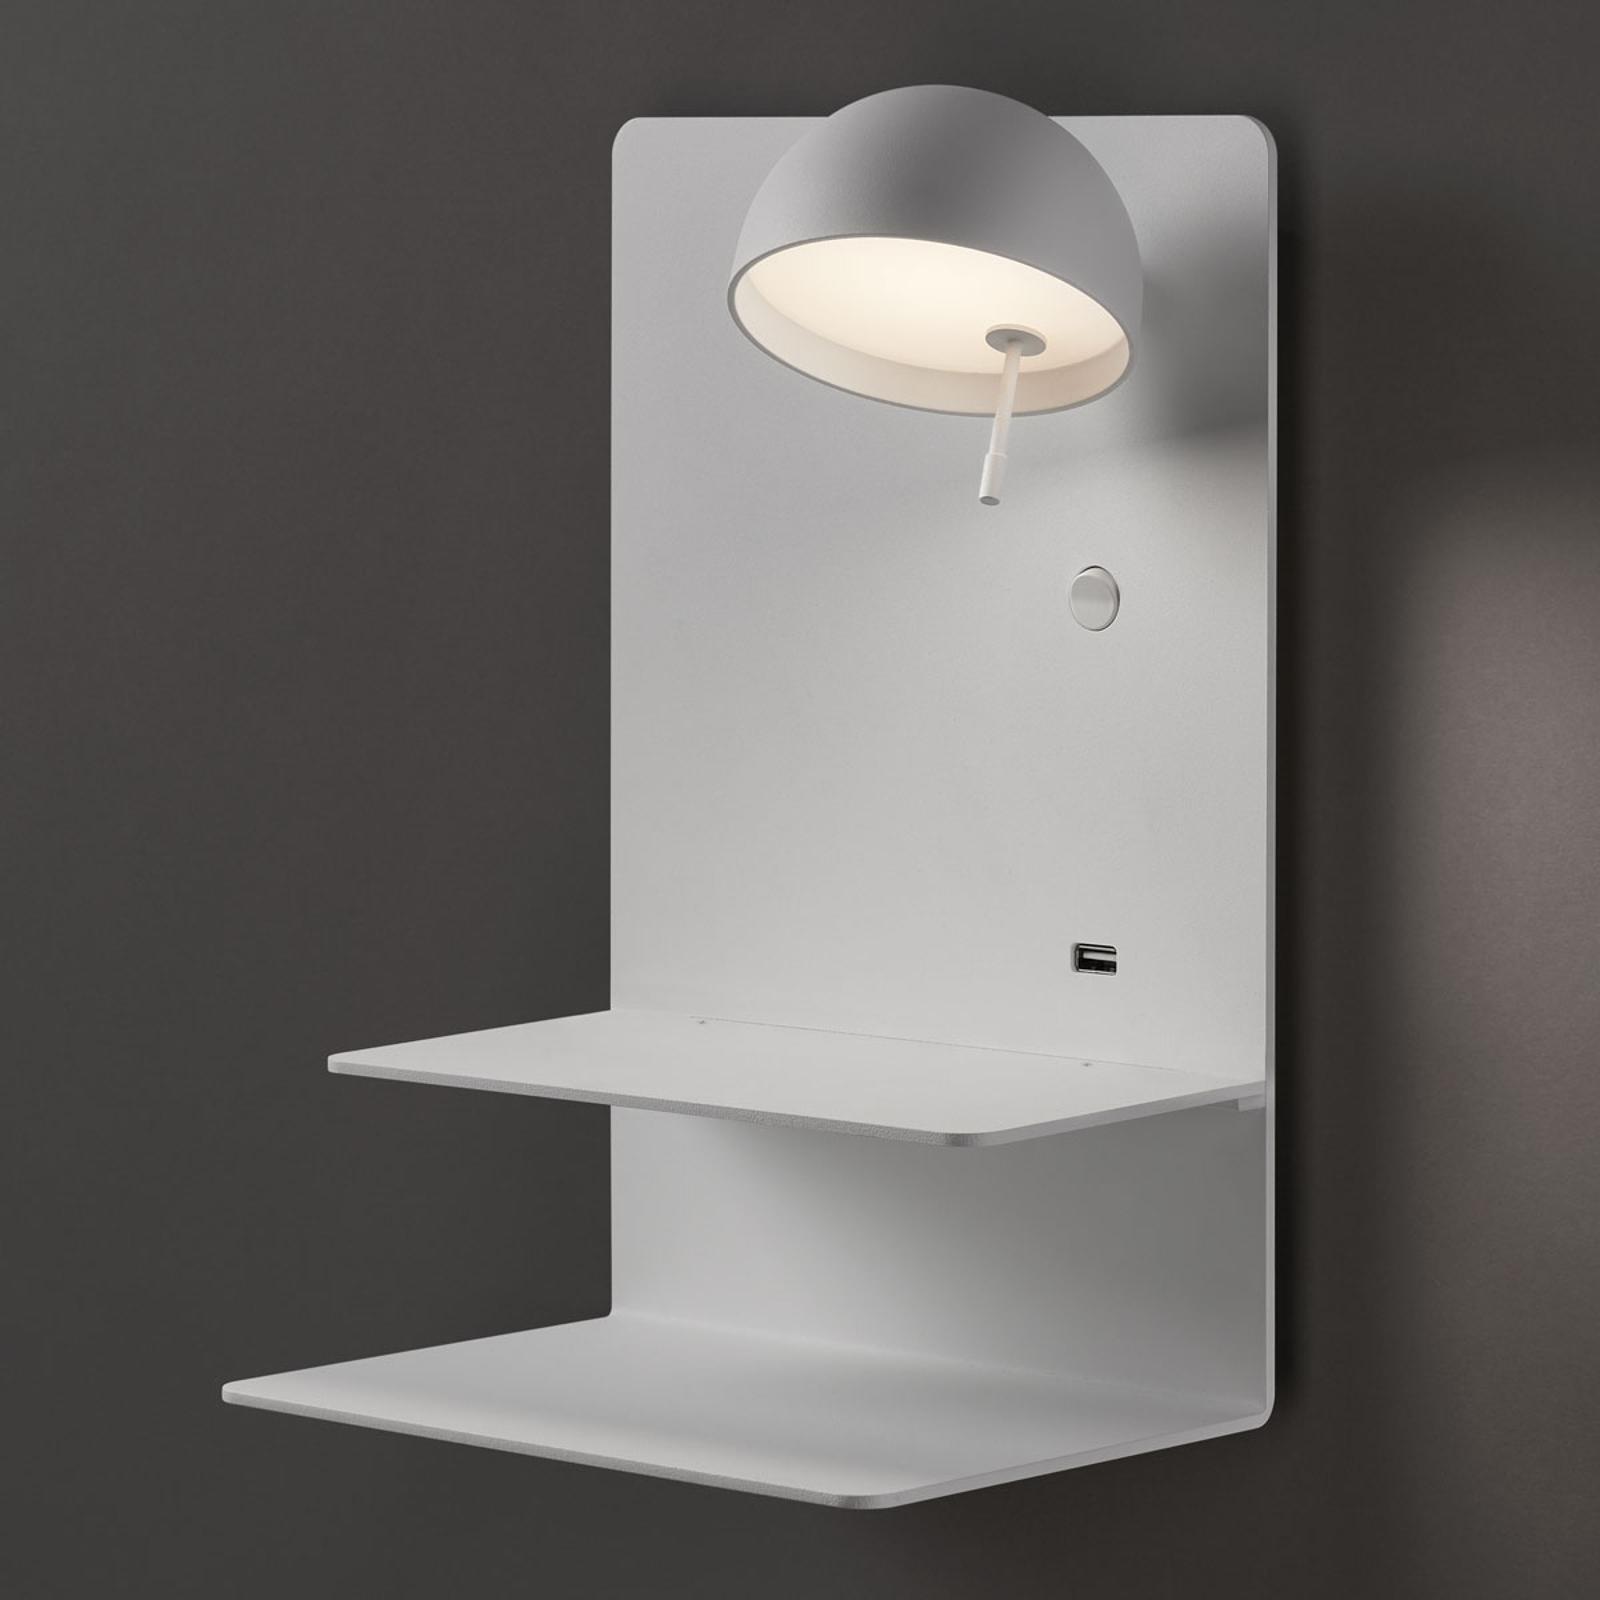 Bover Beddy A/04 LED-taklampe hvit spot høyre